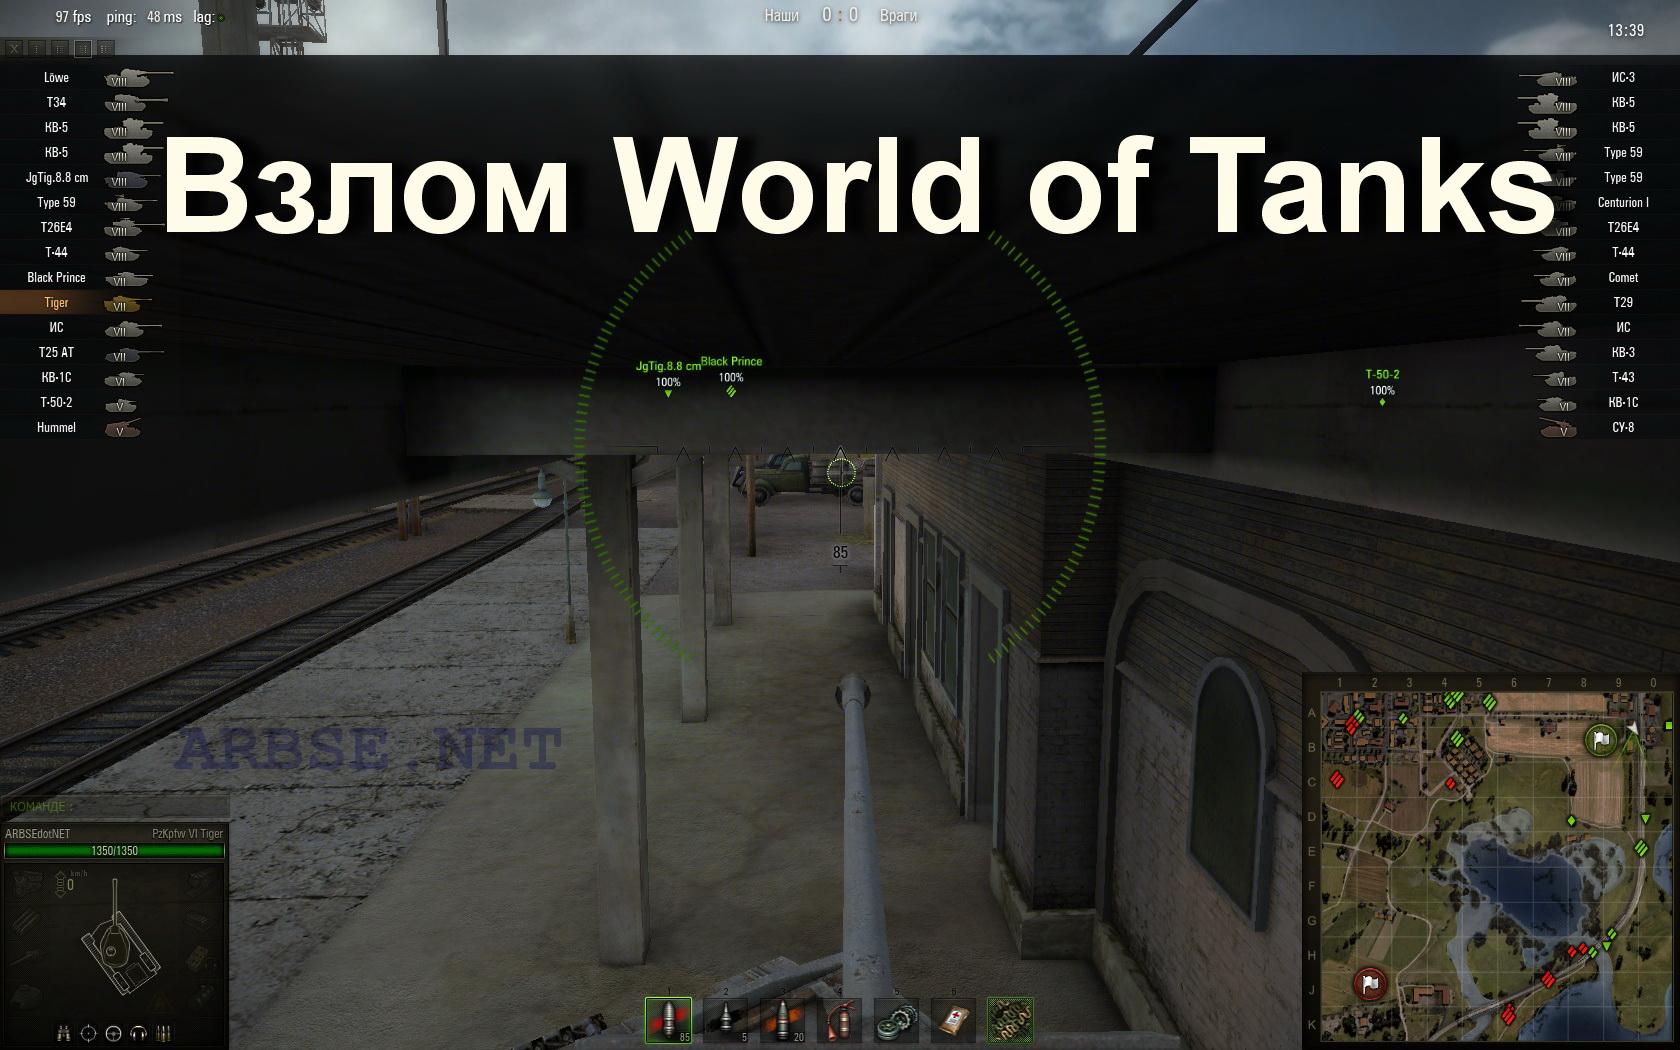 Взлом танков и игры World of Tanks 9.0 баги, как взломать. безопасные дни к